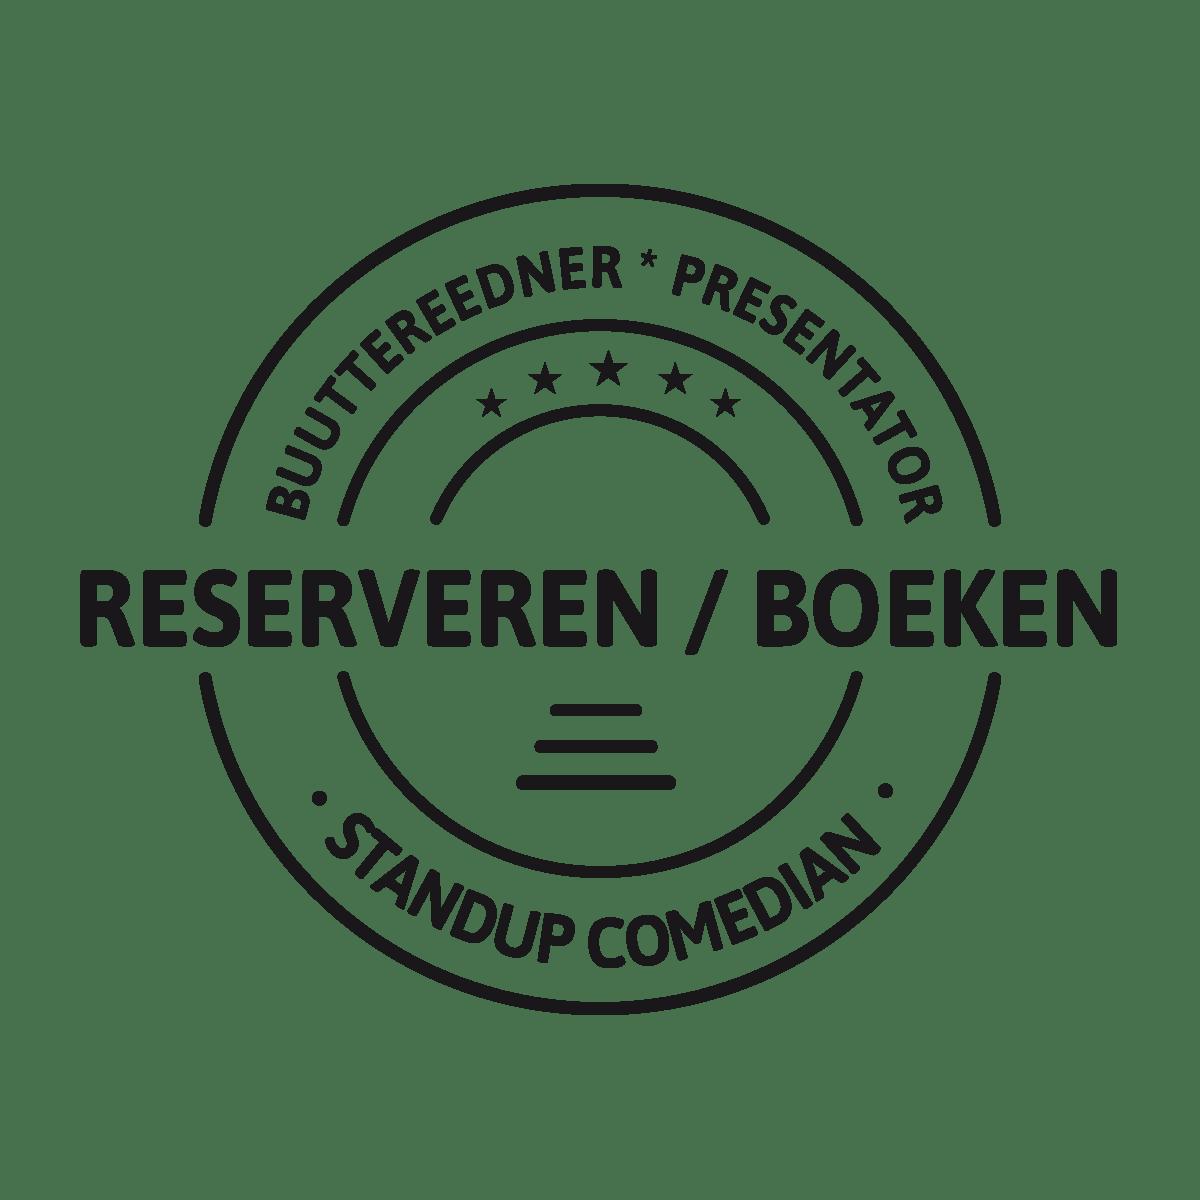 Reserveren - Boeken